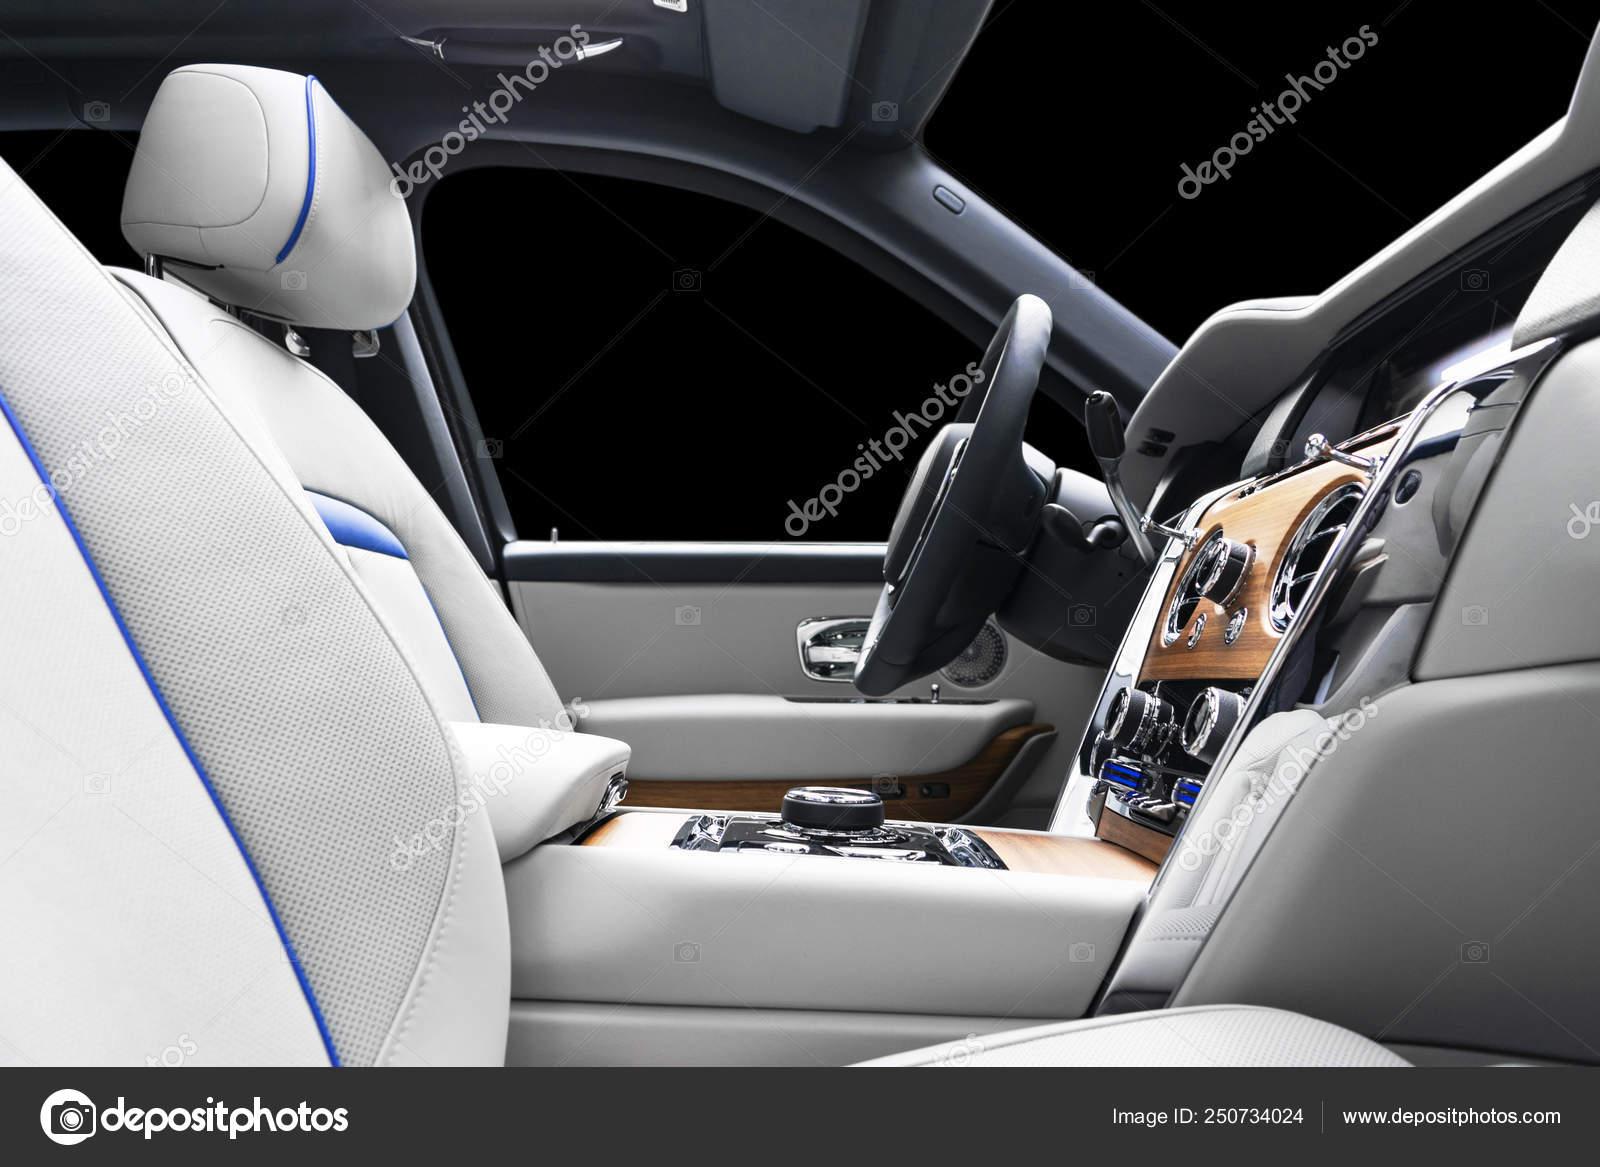 Moderno Carro De Luxo Interior De Couro Branco Com Painel De Madeira Natural Parte Do Banco